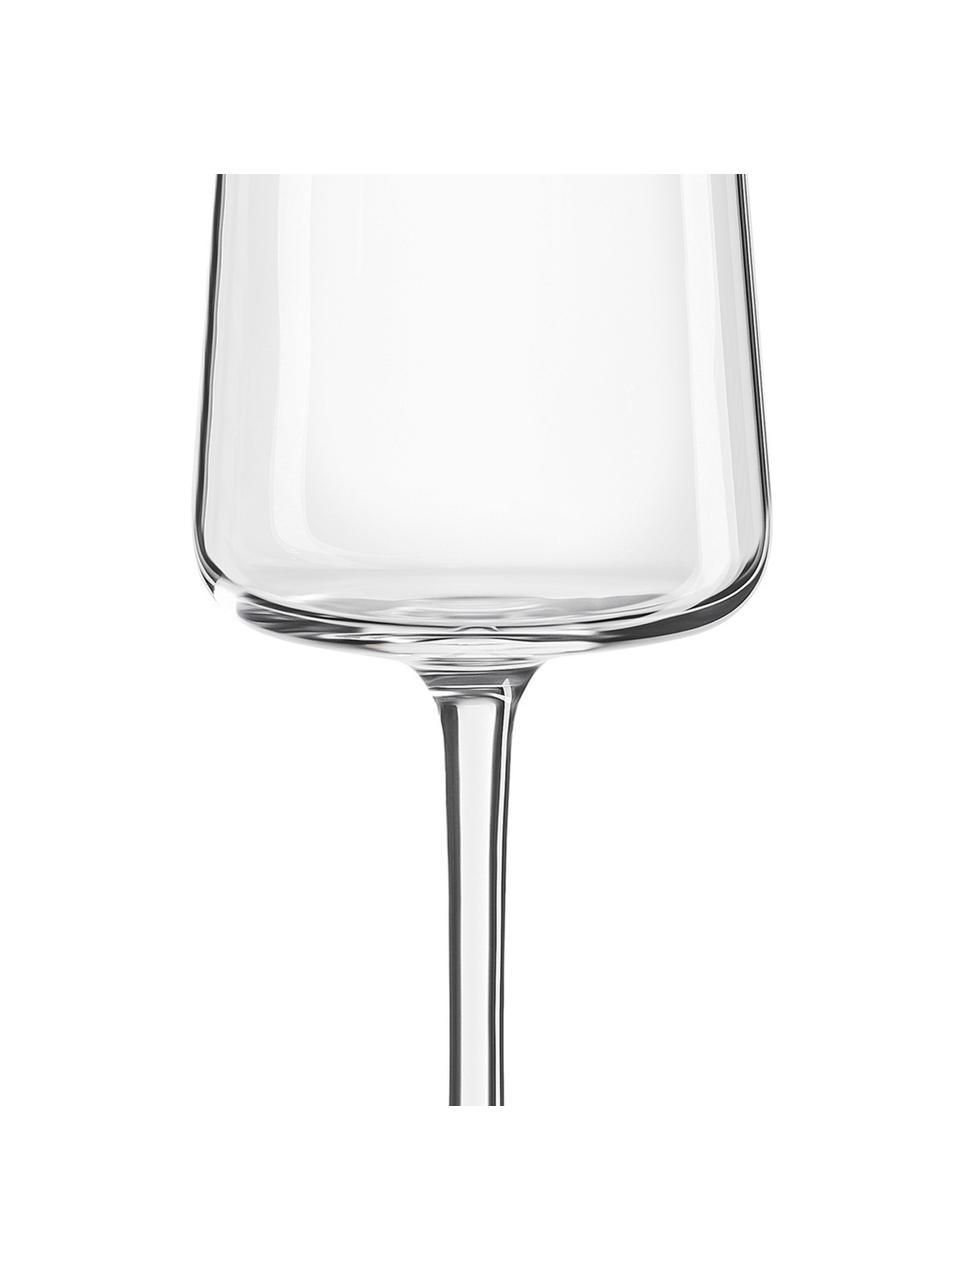 Kieliszek do szampana ze szkła kryształowego Power, 6 szt., Szkło kryształowe, Transparentny, Ø 7 x W 23 cm